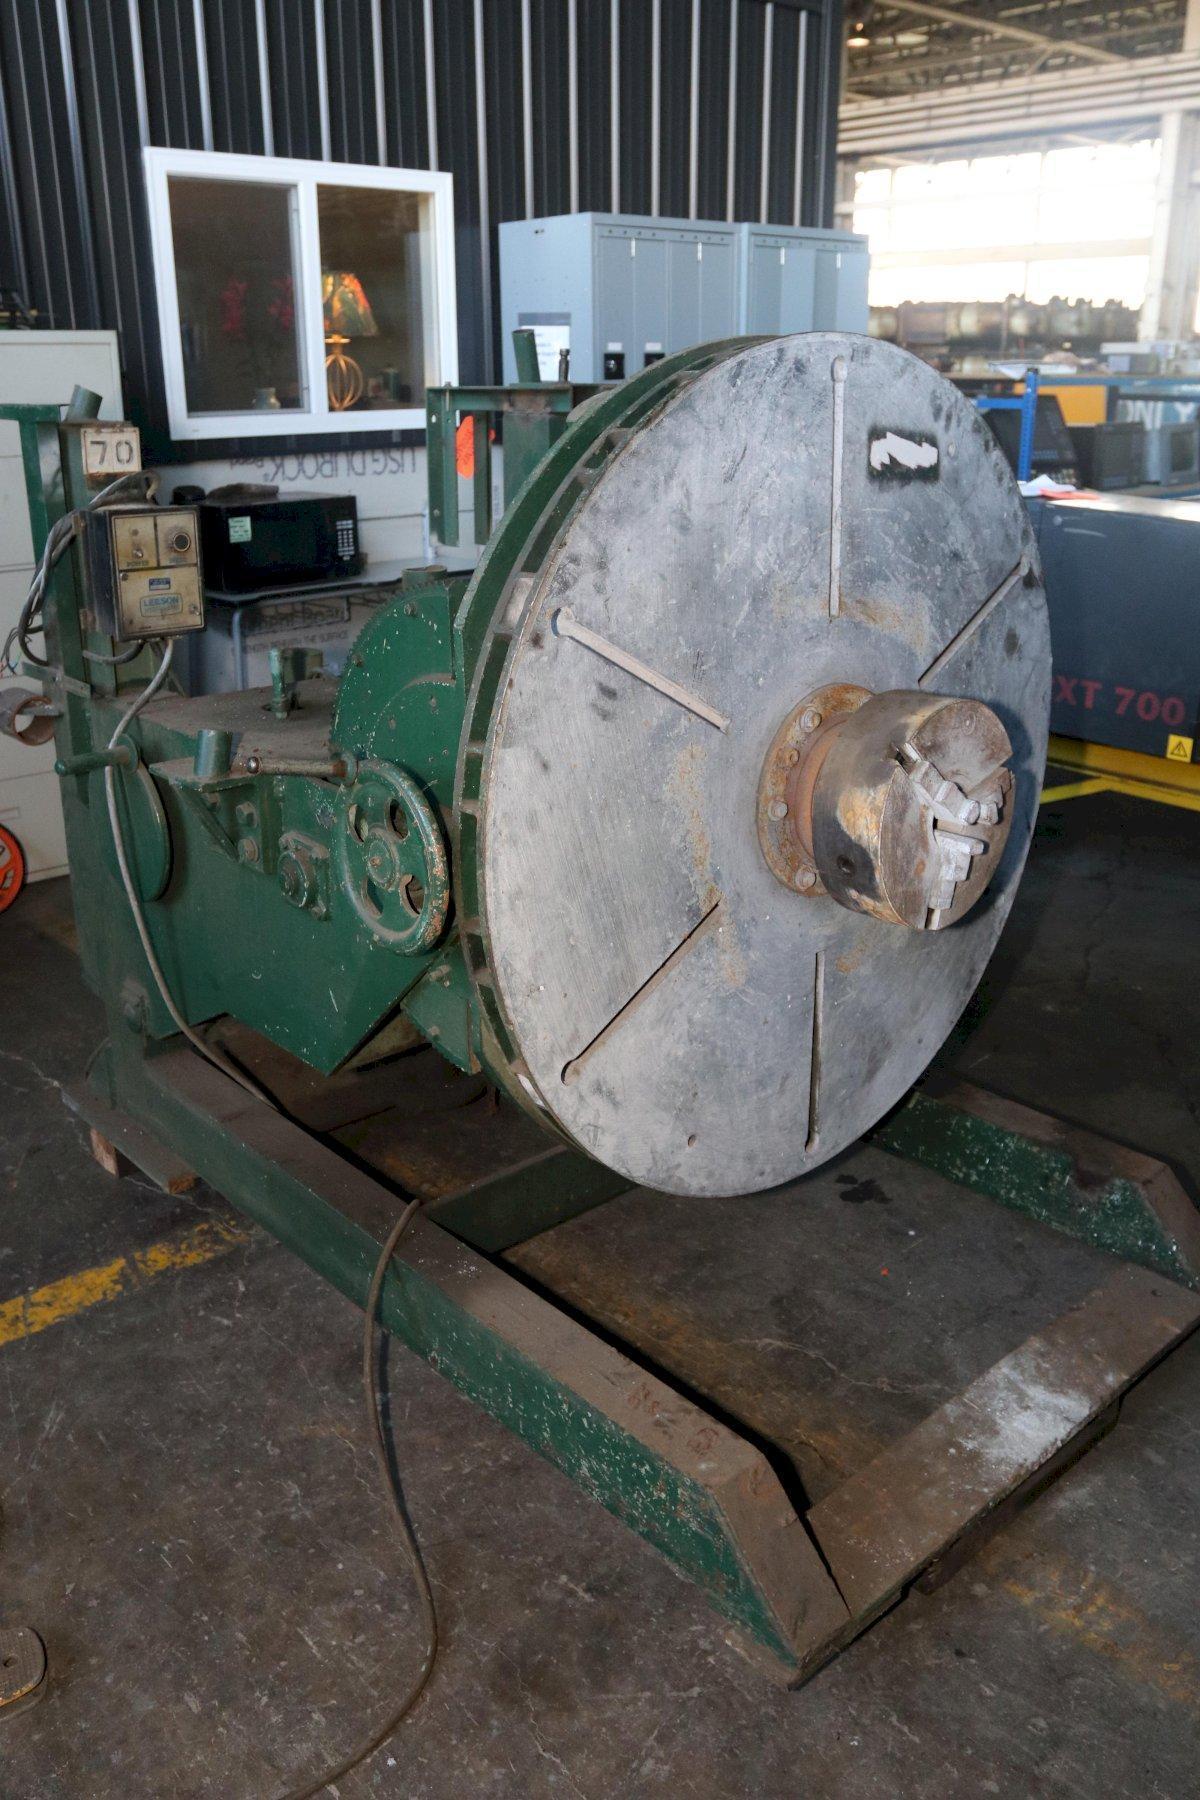 Lovat Rotating Welding Positioner